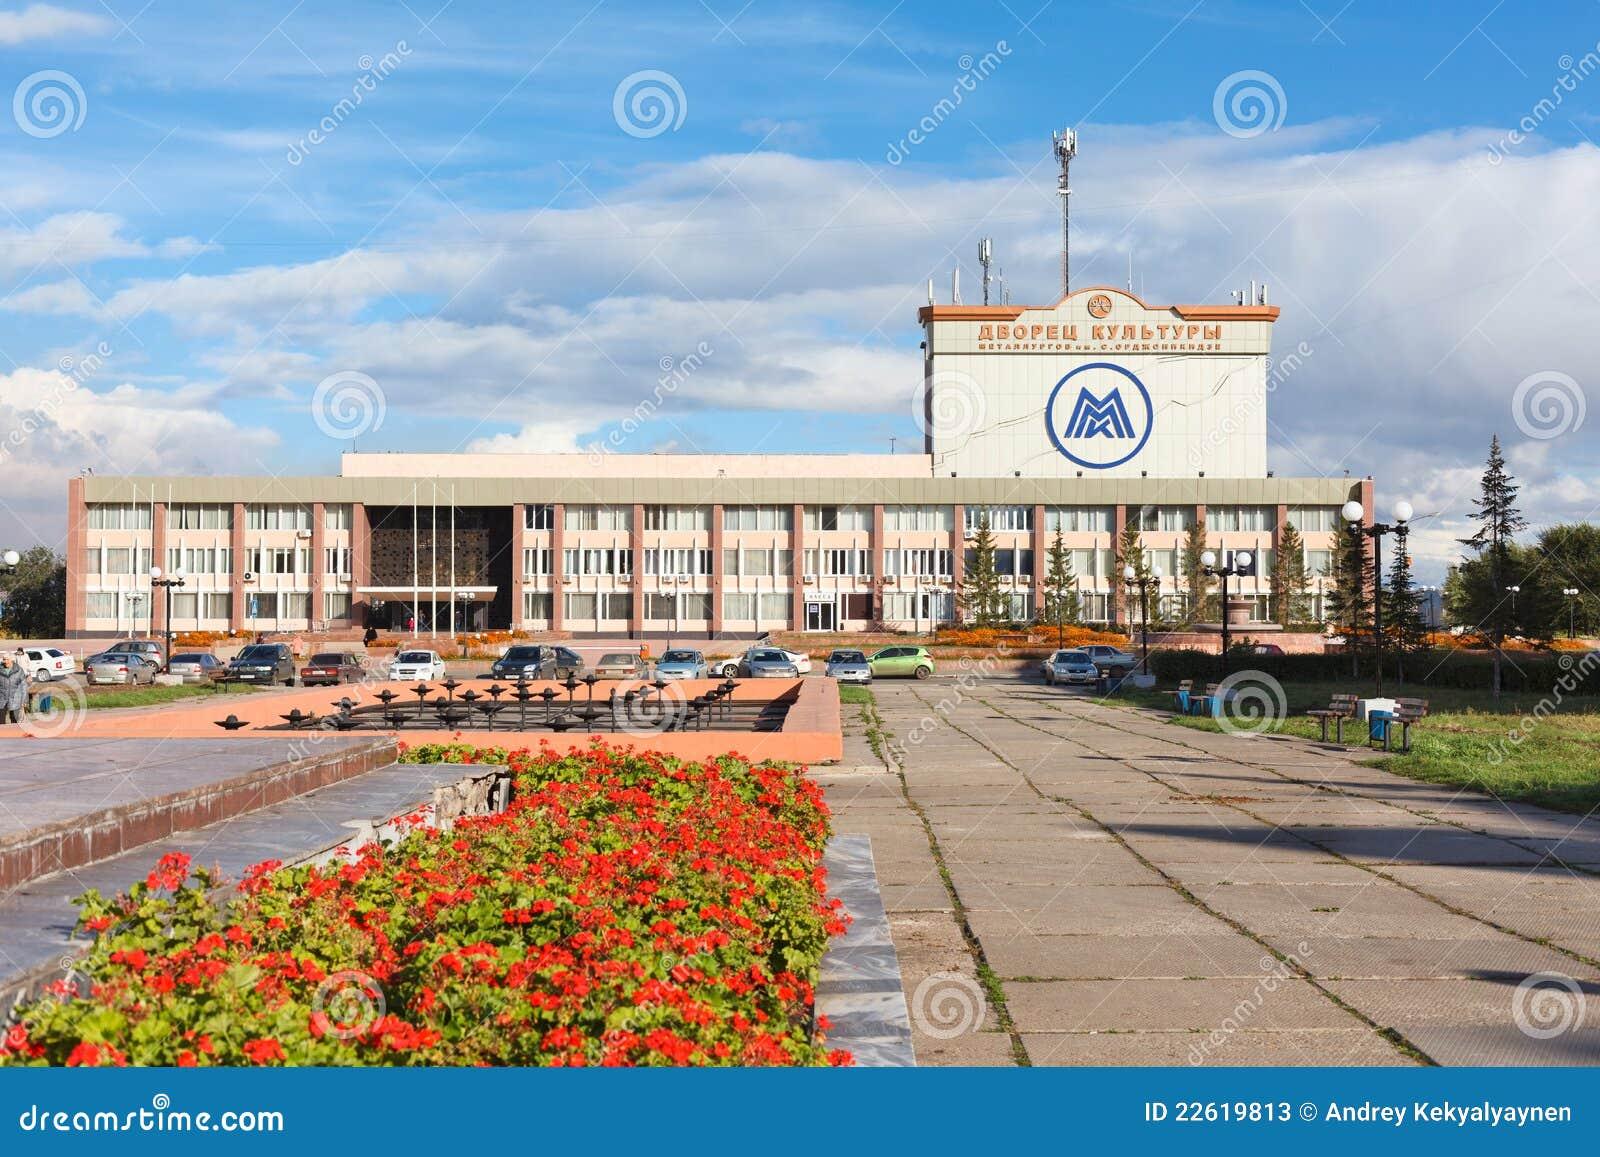 Cityscape of Magnitogorsk city